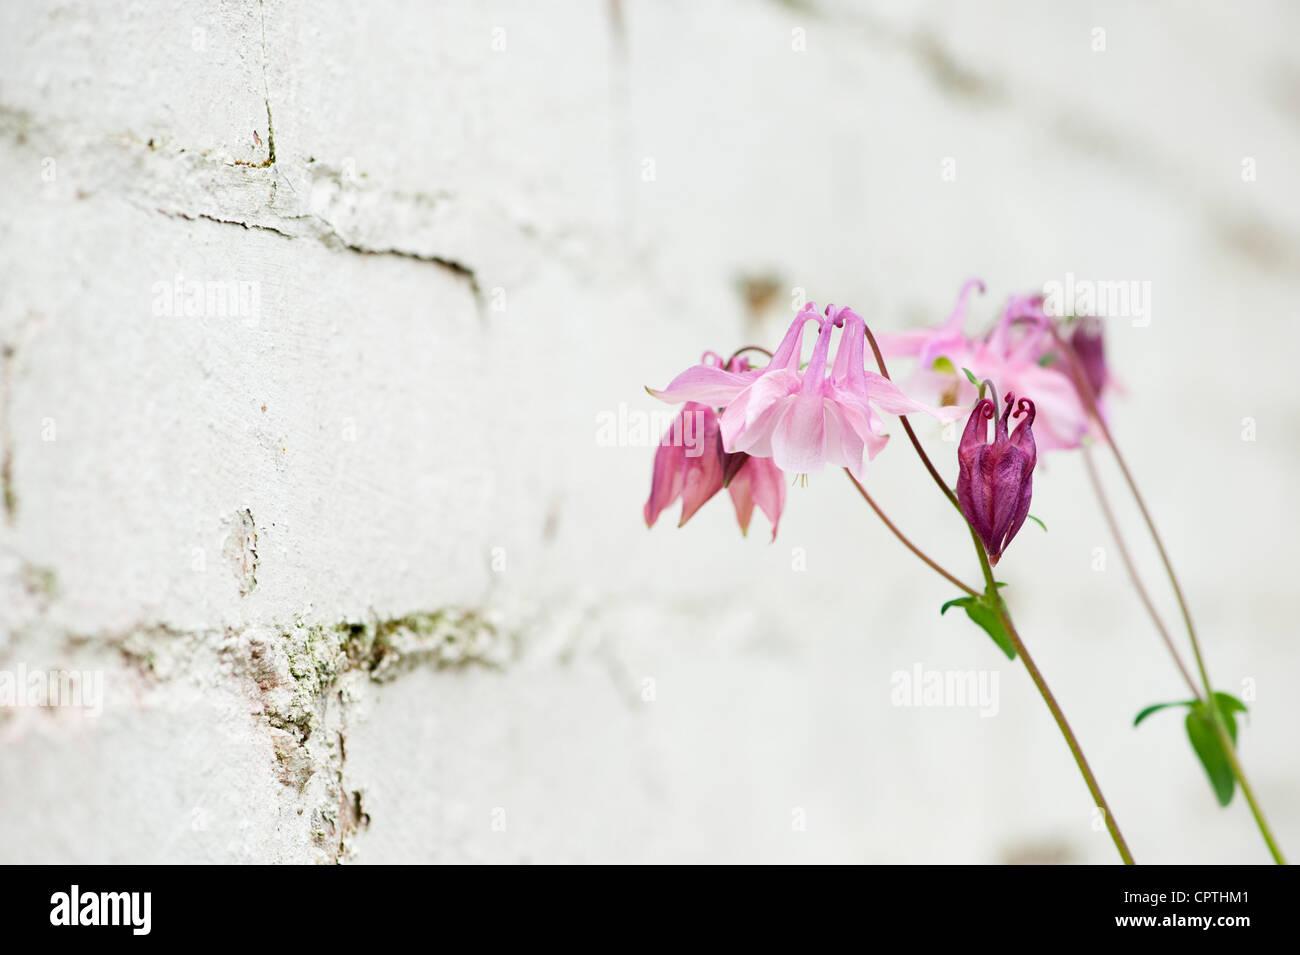 Rosa flor Aquilegia vulgaris contra una pared jardín pintado de blanco Imagen De Stock